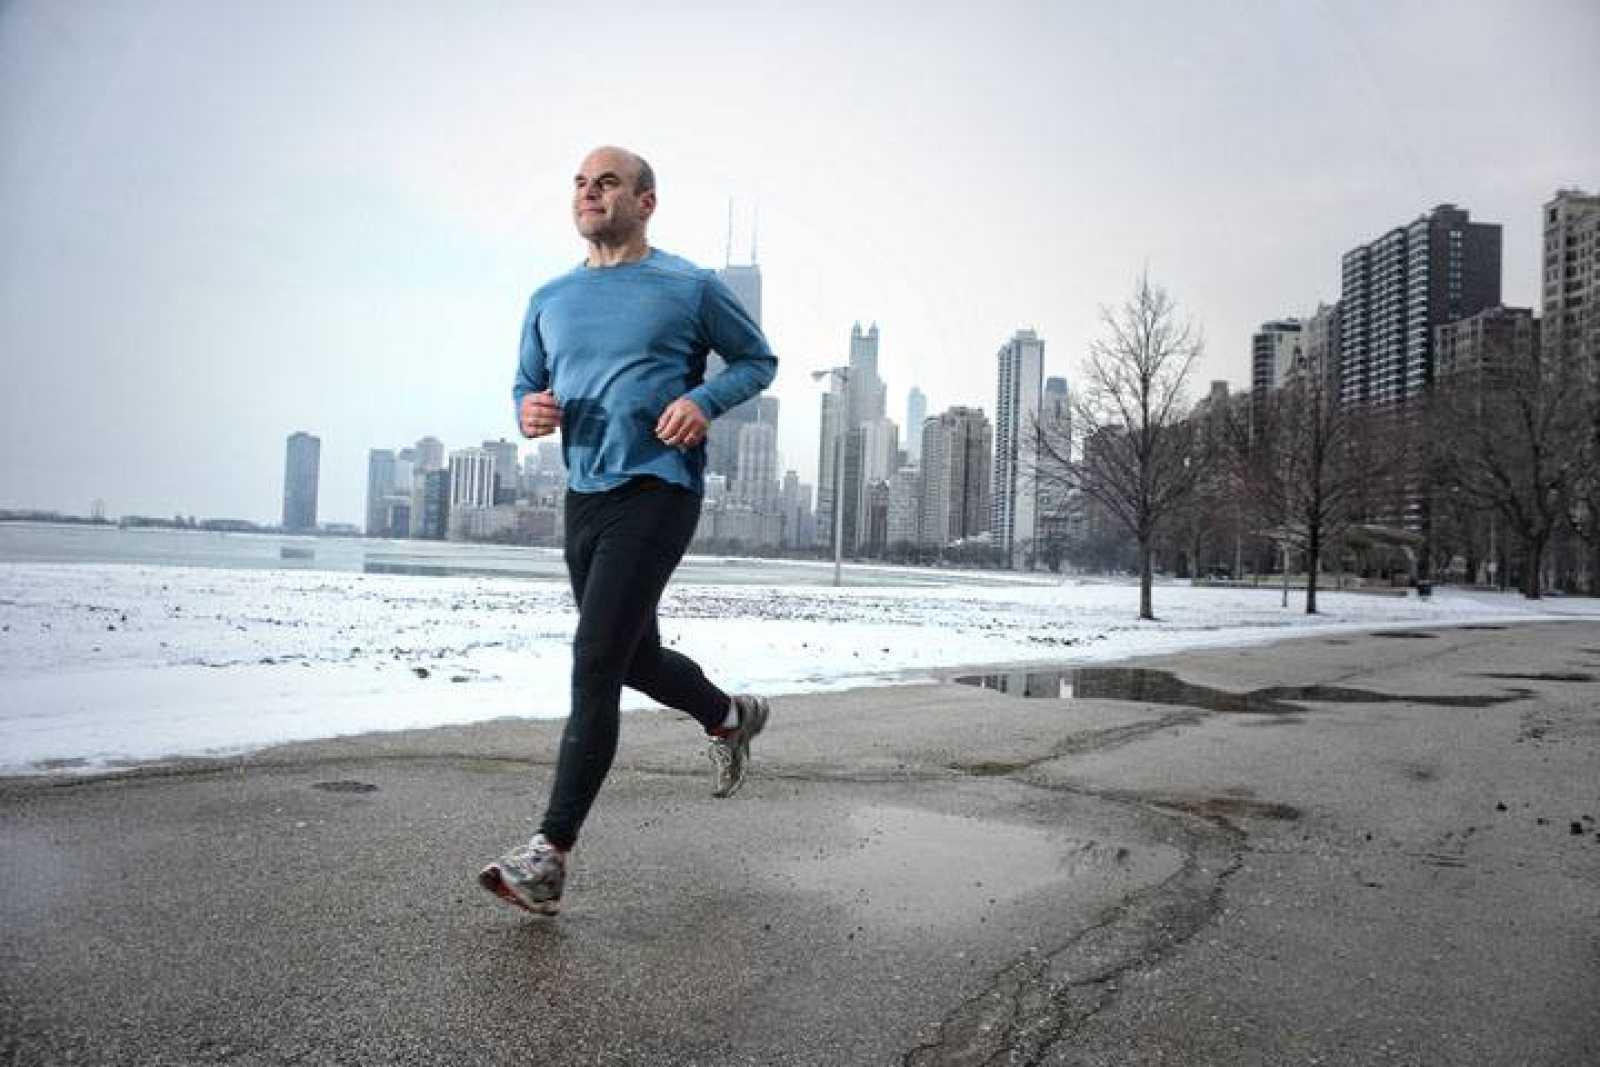 Hombre corriendo en ciudad.